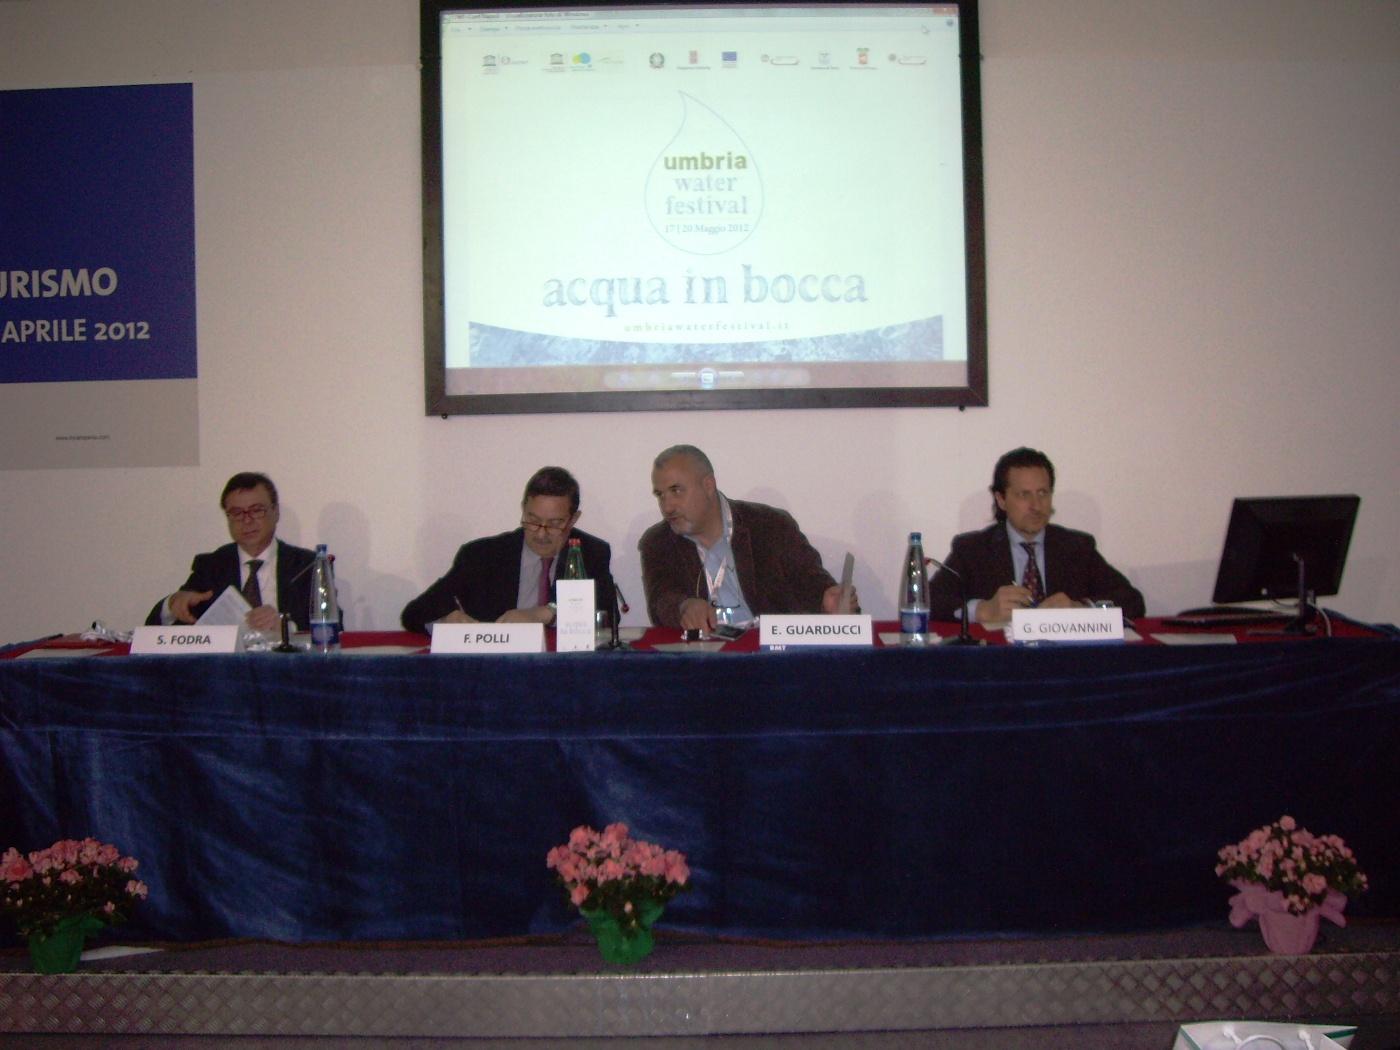 Umbria Water Festival 2012: l'evento presentato alla Borsa Mediterranea del Turismo (BMT)